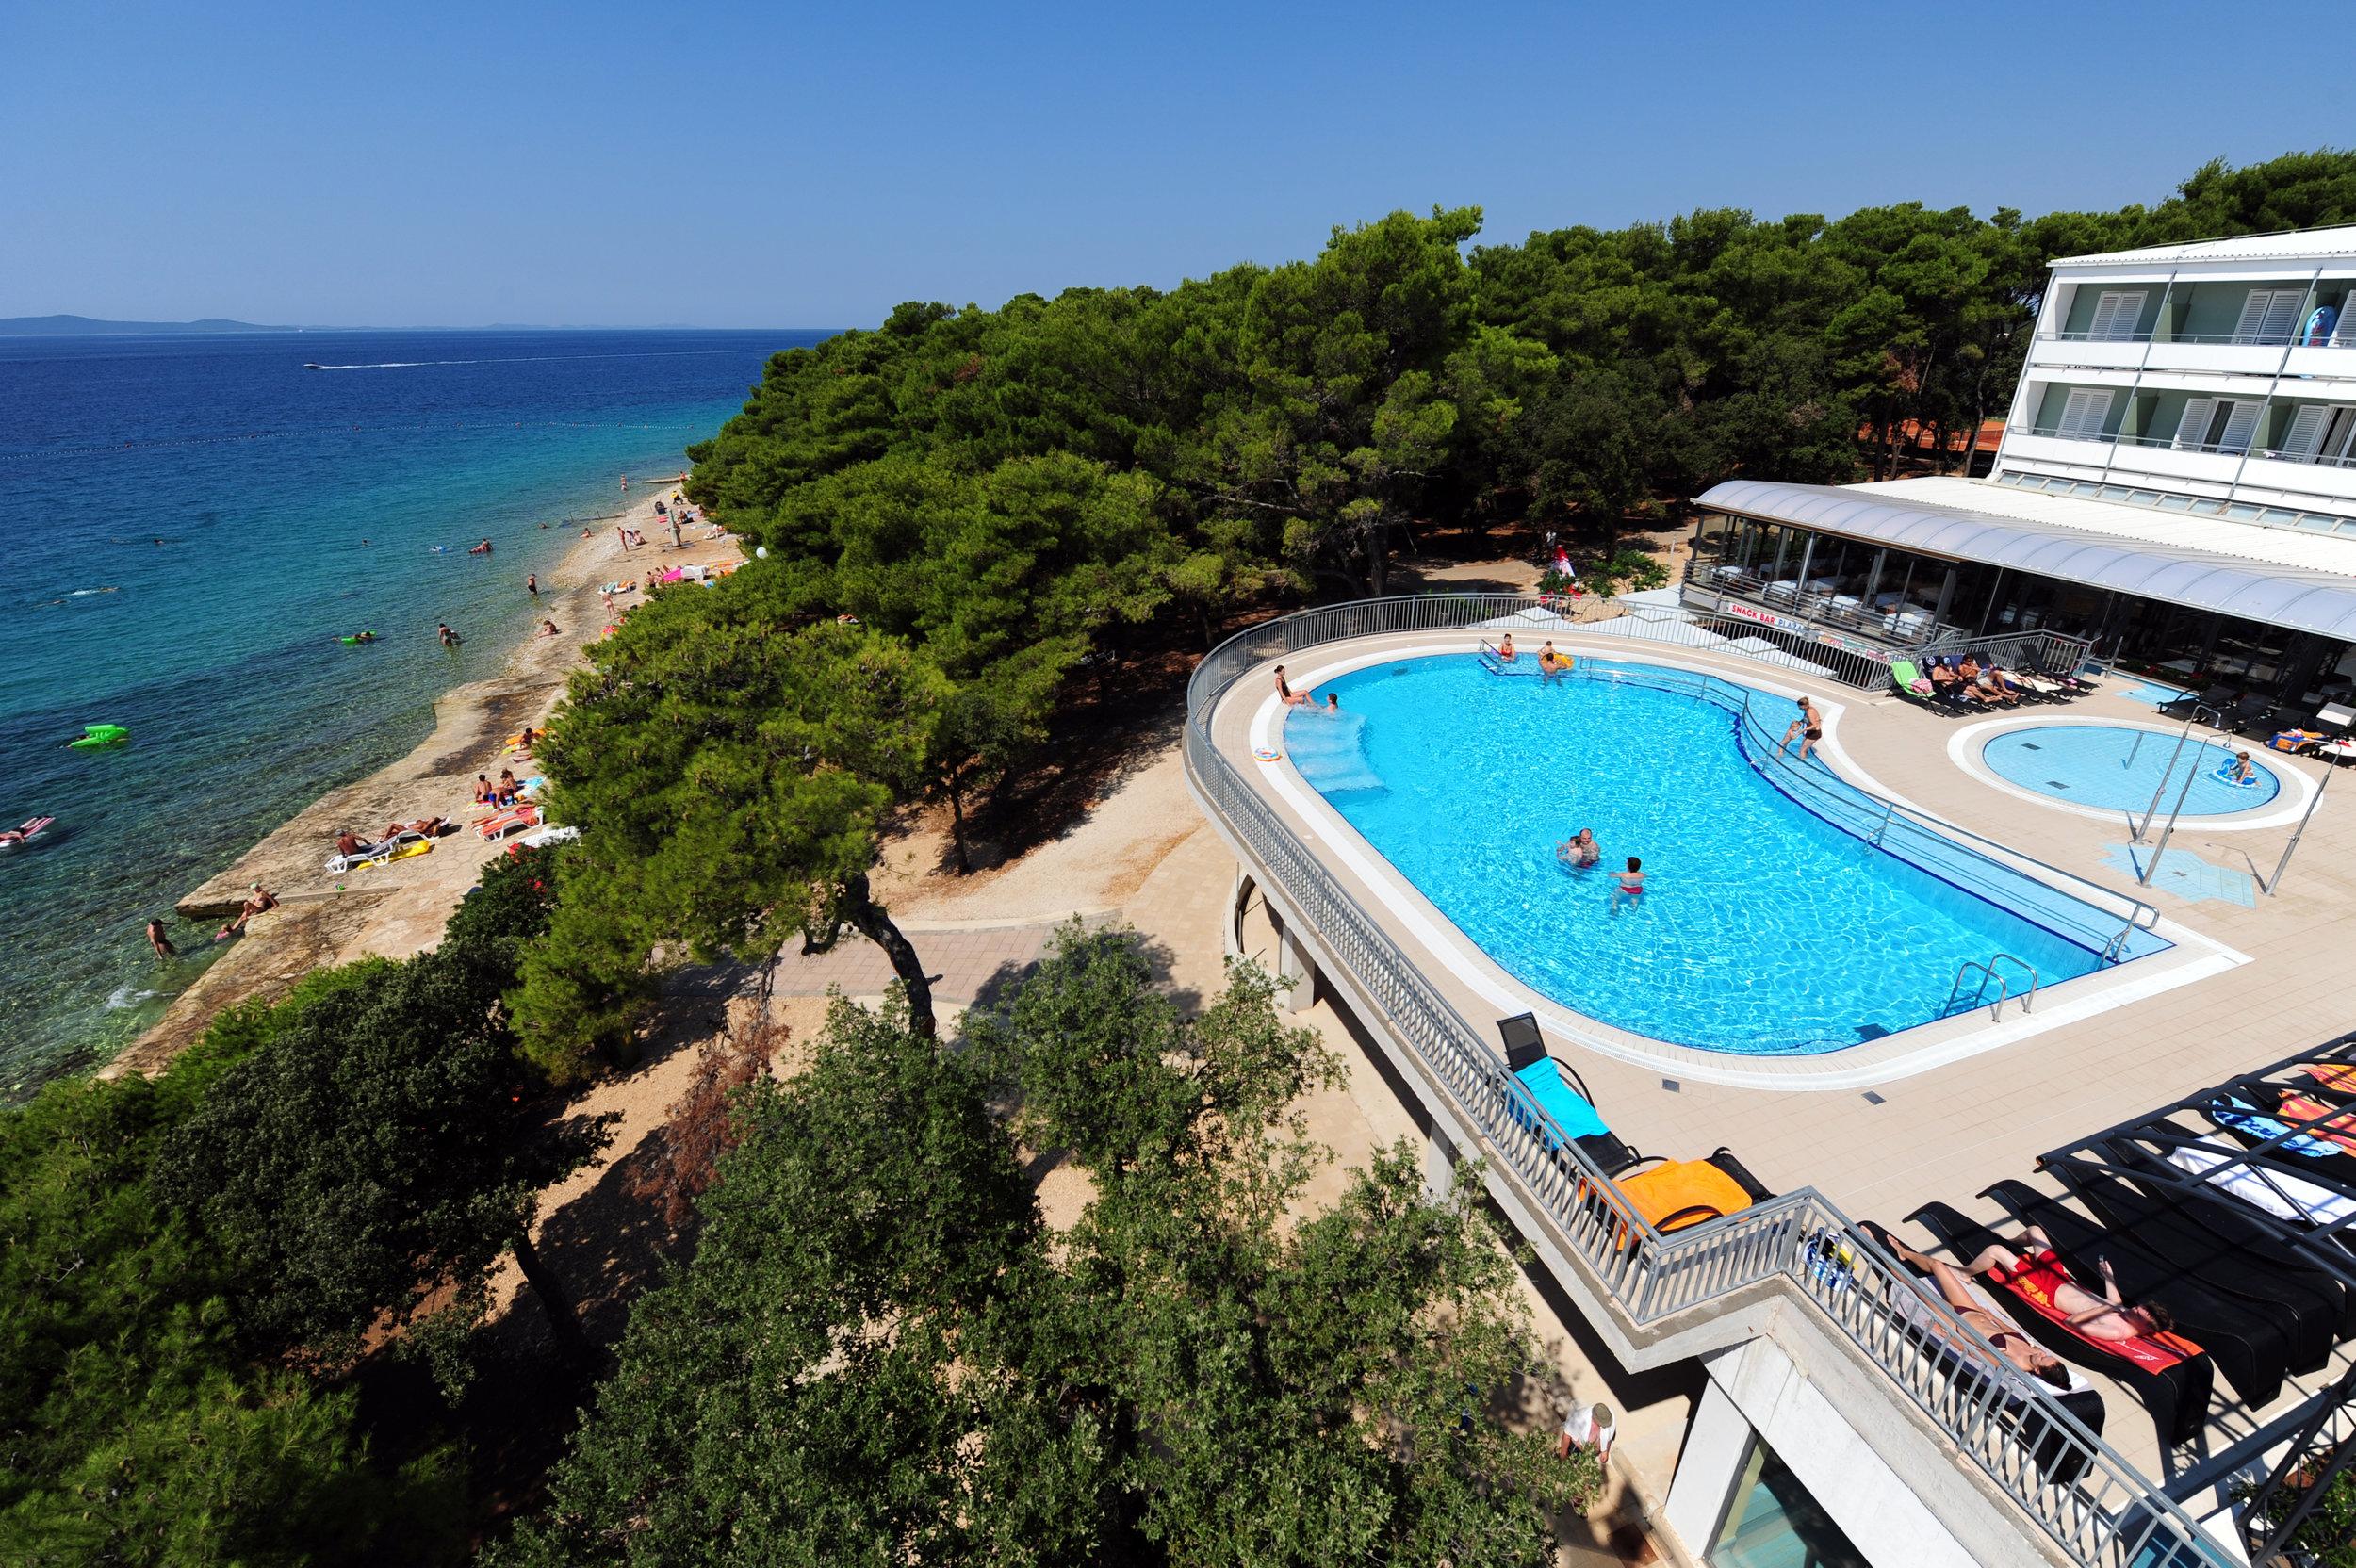 pinija_outdoor_pool_8.jpg